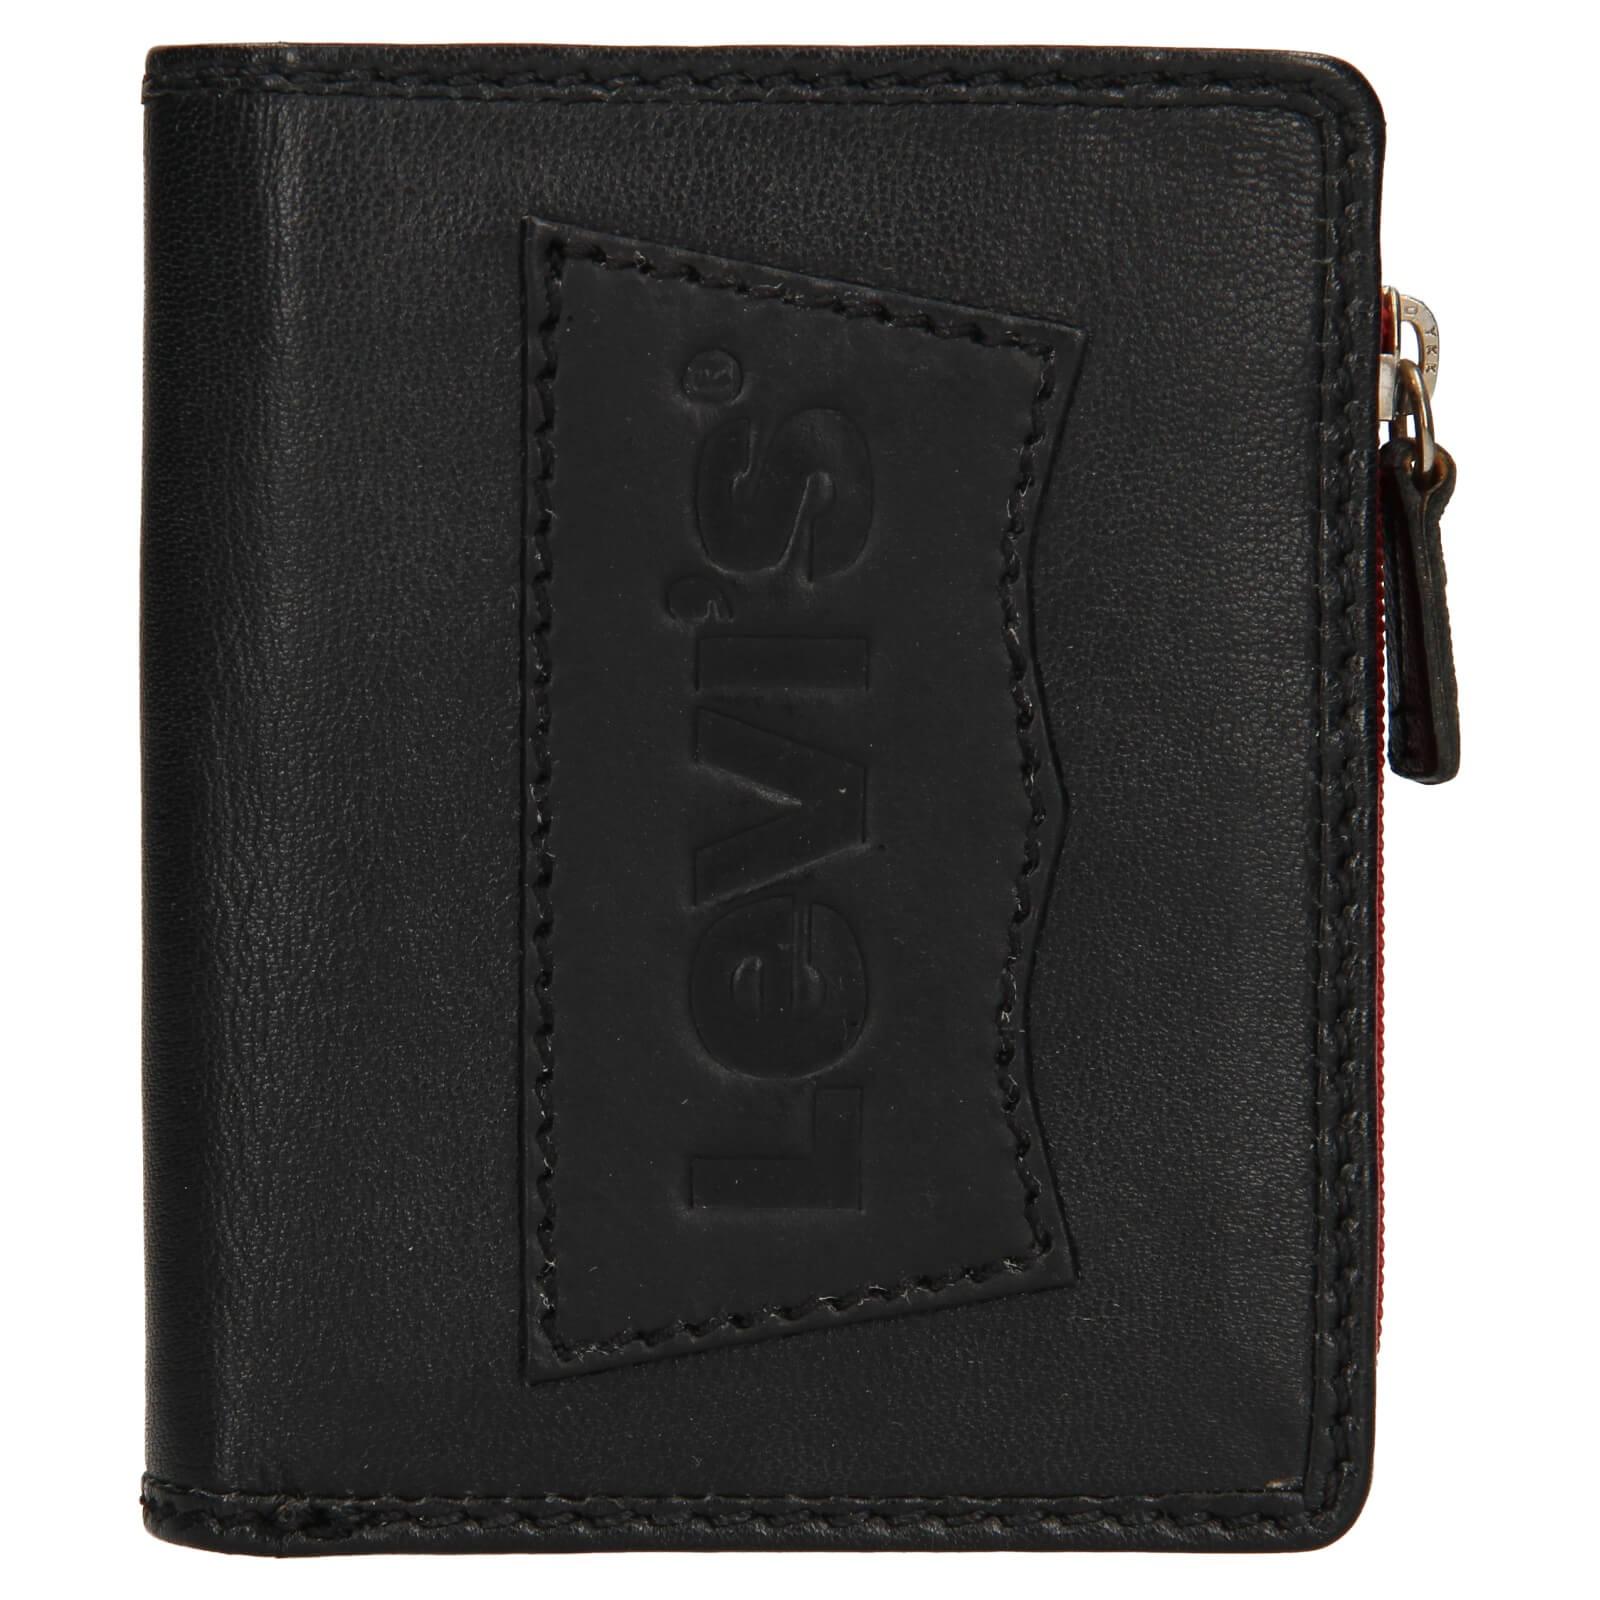 Pánska kožená peňaženka Levis Daniel - čierna.